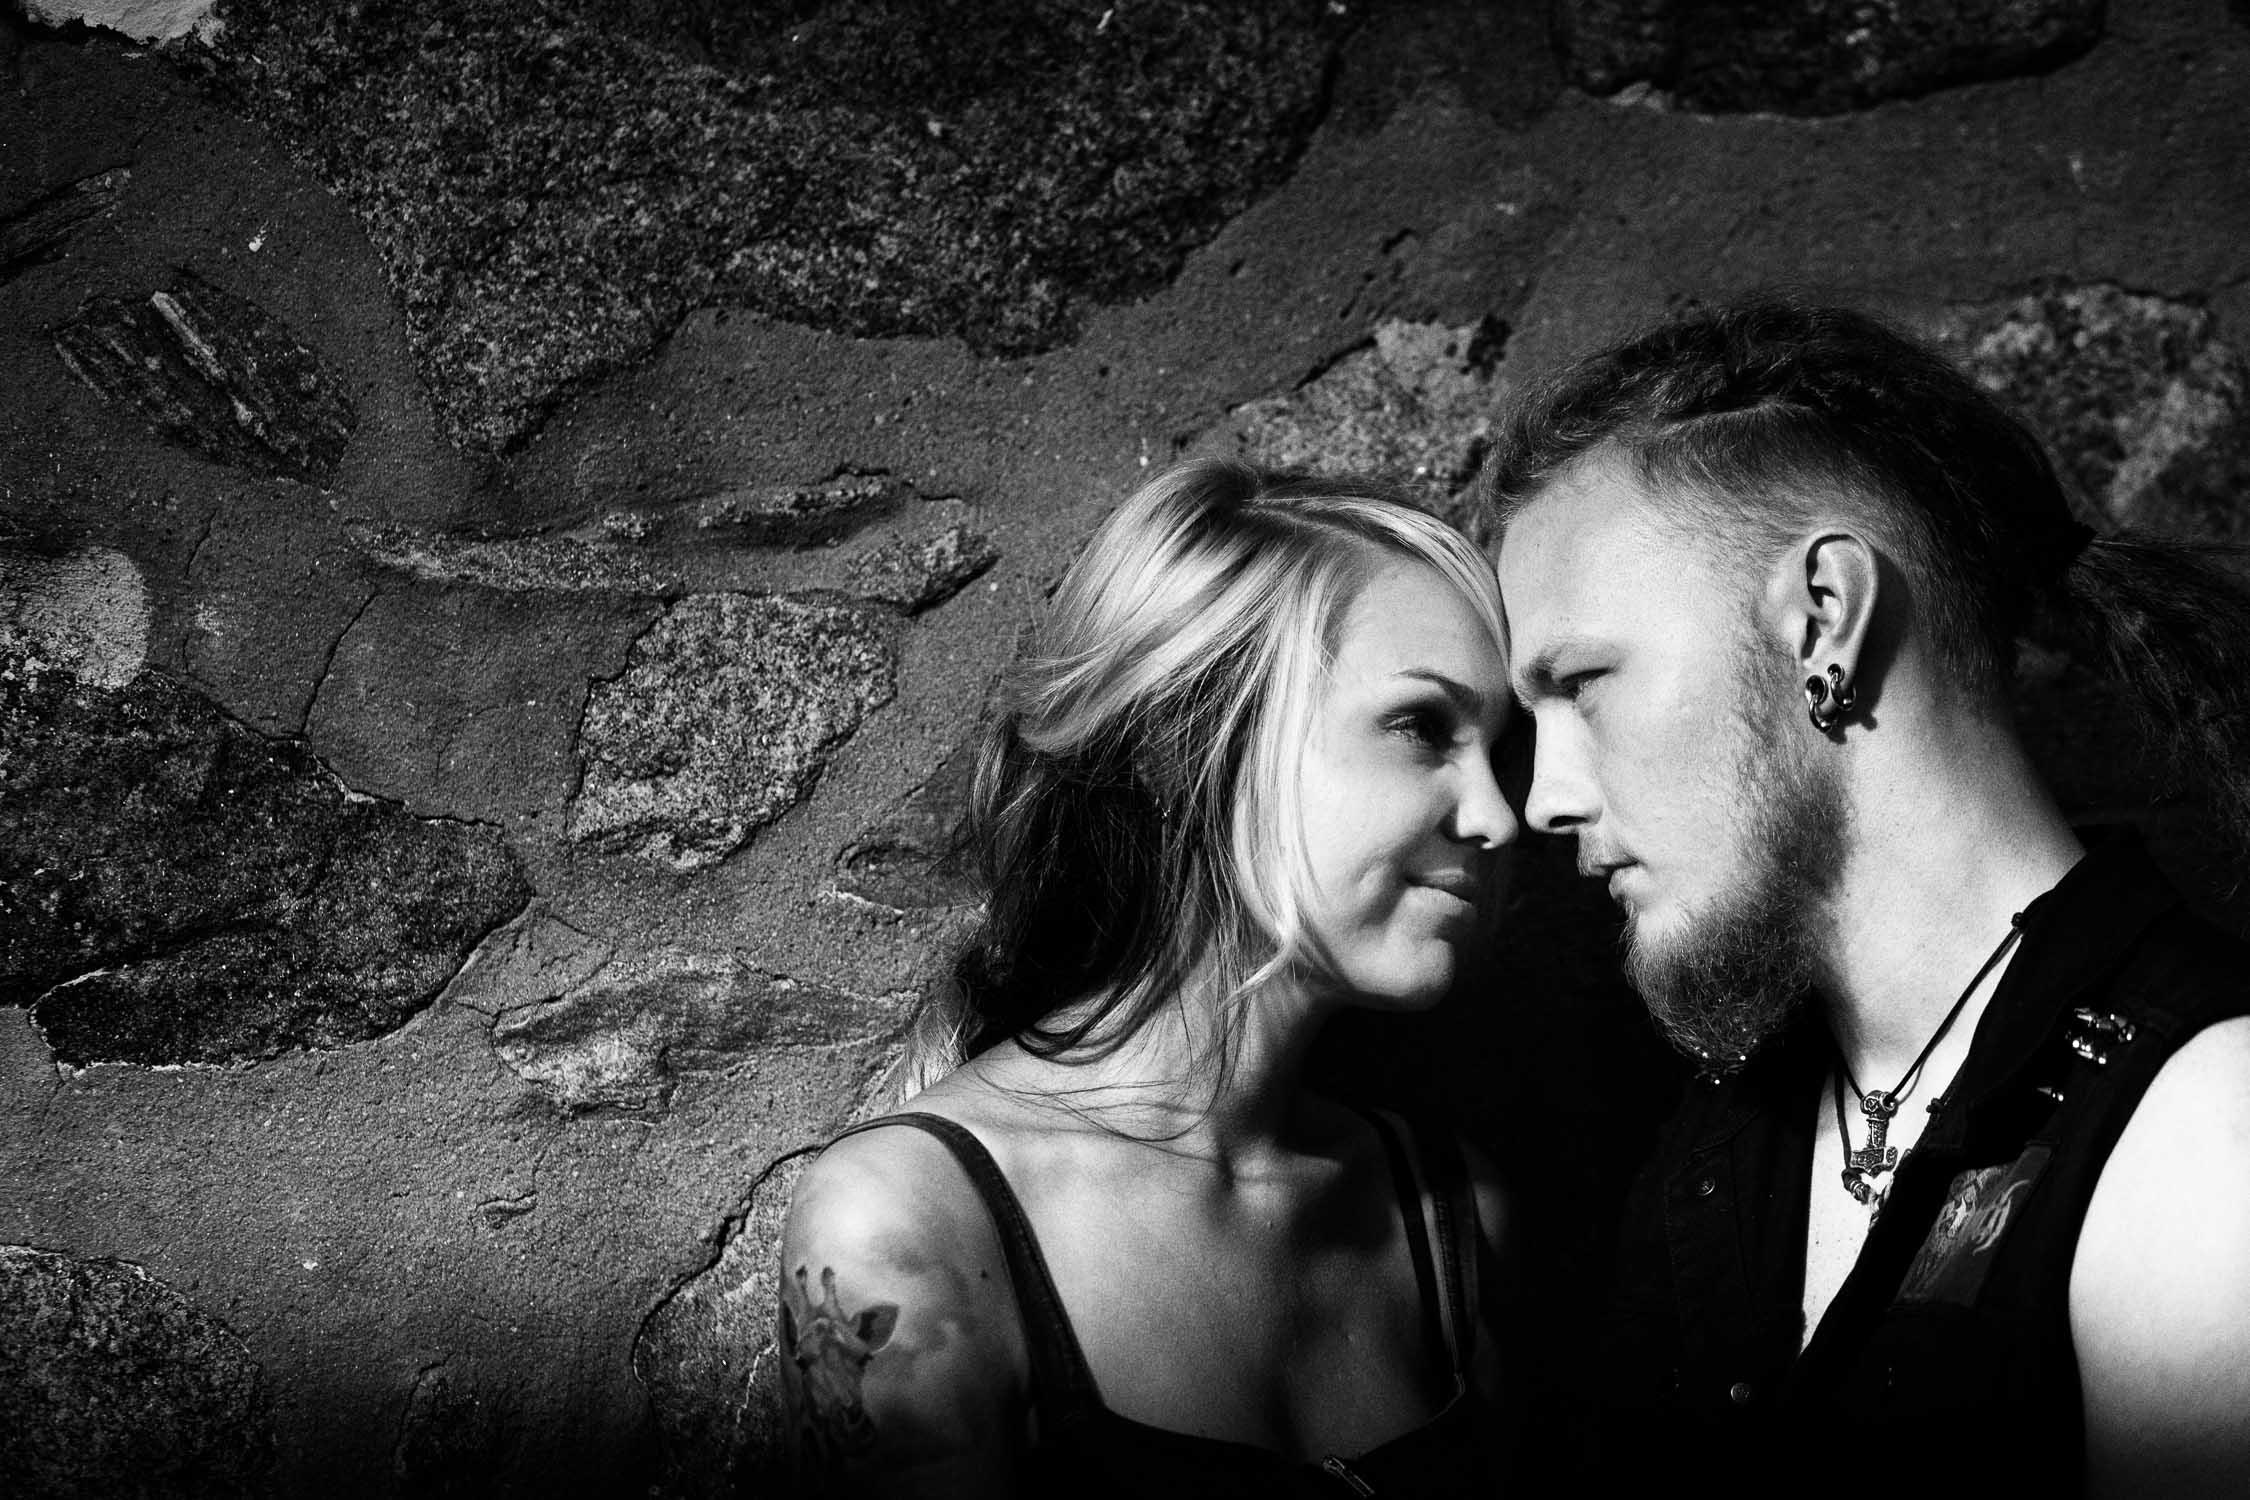 kjæreste-kjærestefotograf-kjærestefotografering-fotograf-hodne-design-hodnedesign-pål-hodne--2.jpg